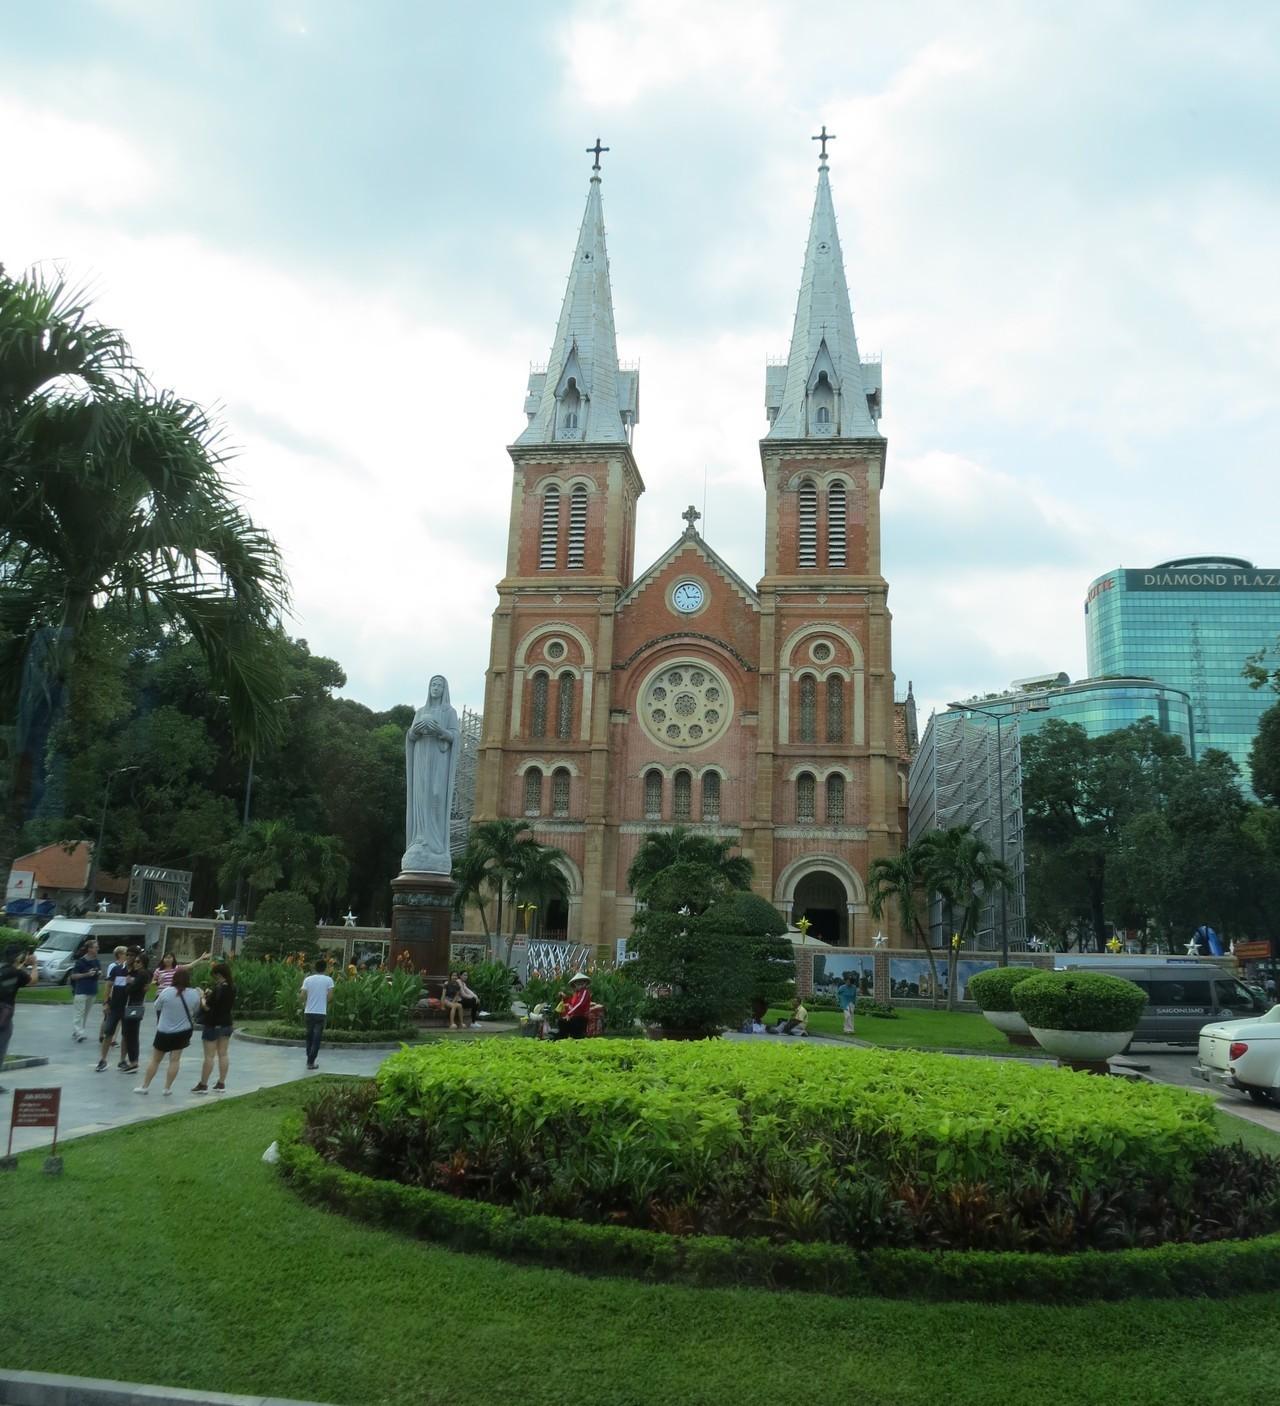 胡志明市最大的教堂「聖母大教堂」,這座教堂與粉紅教堂一樣,因為磚紅色的外觀十分醒...